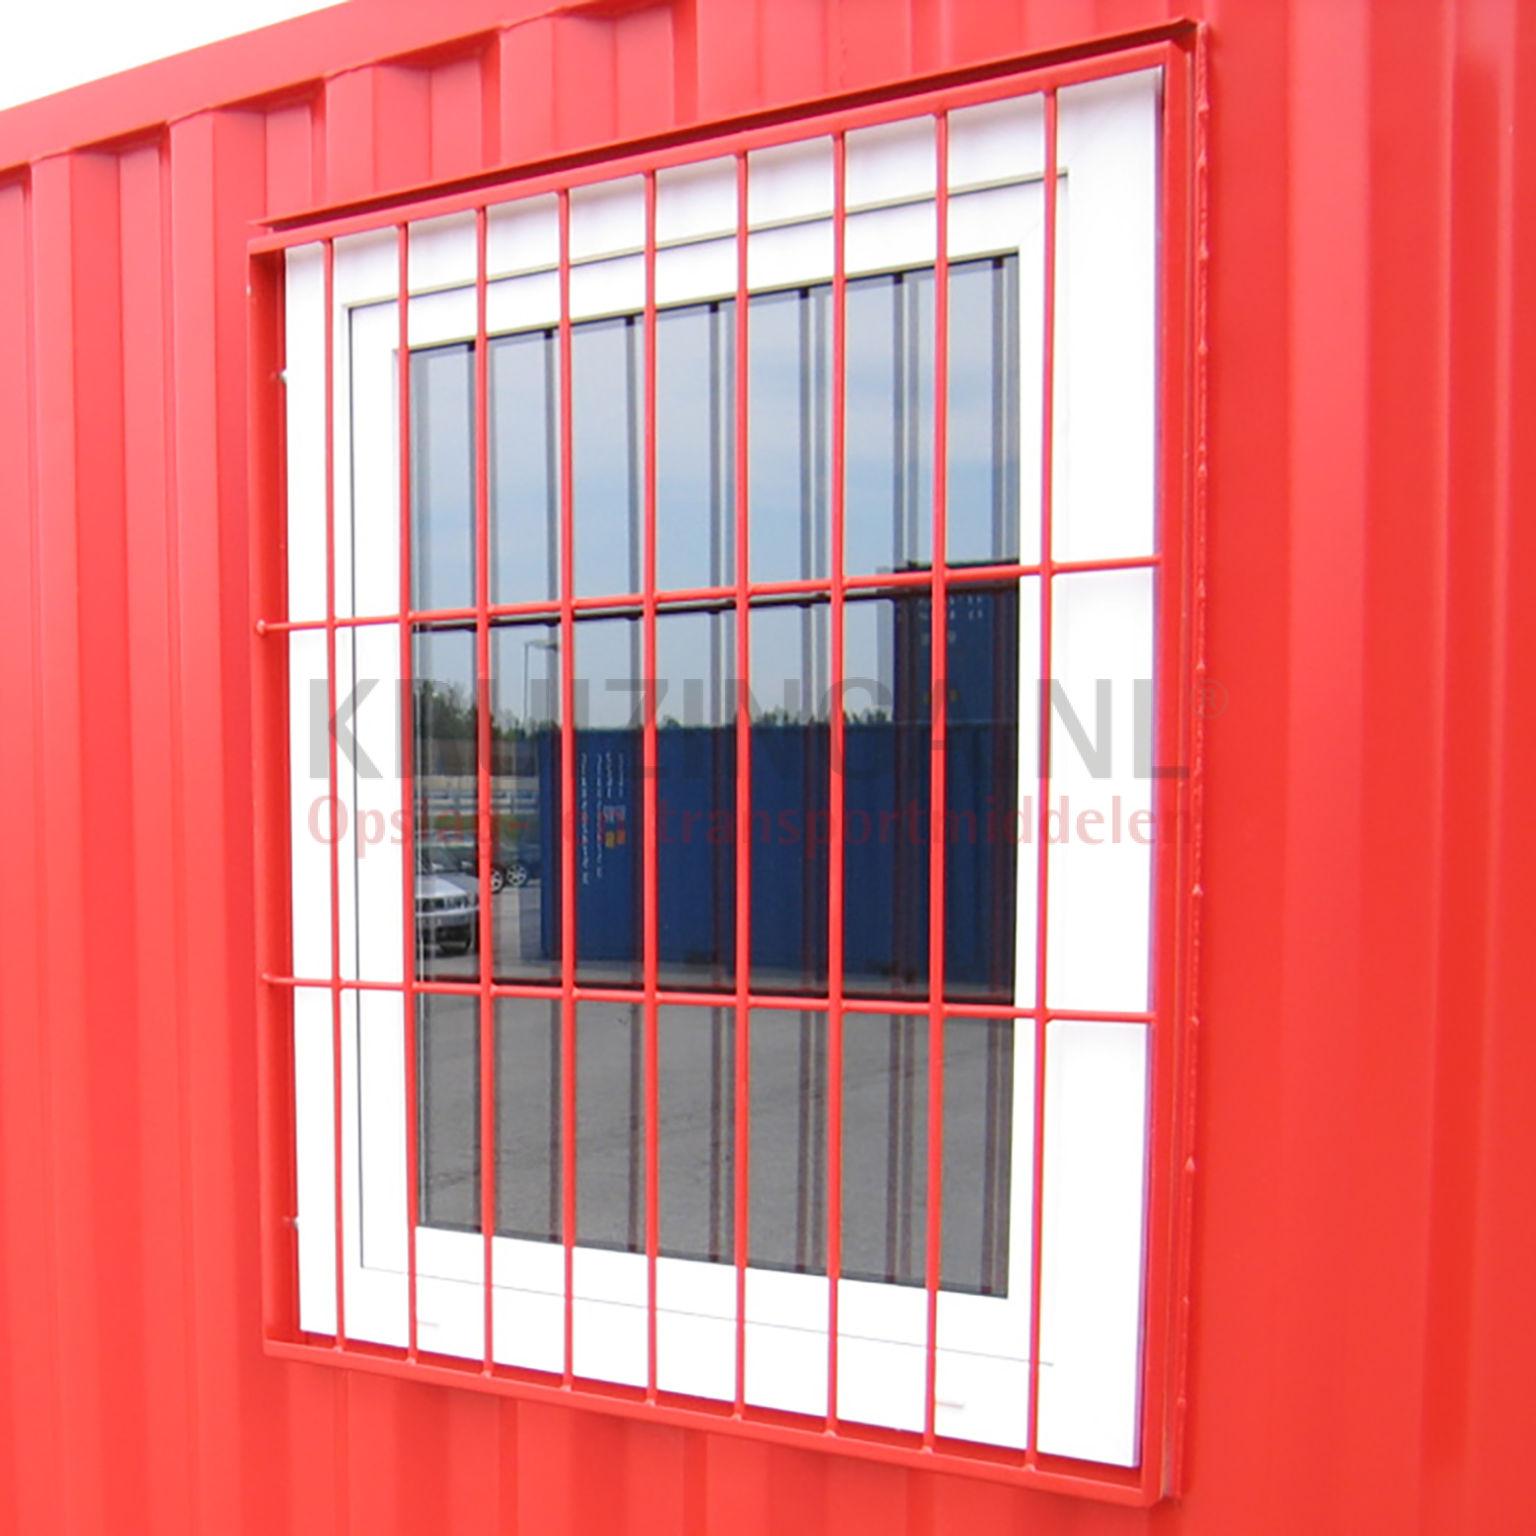 container mehrpreis fenster mit riegel. Black Bedroom Furniture Sets. Home Design Ideas